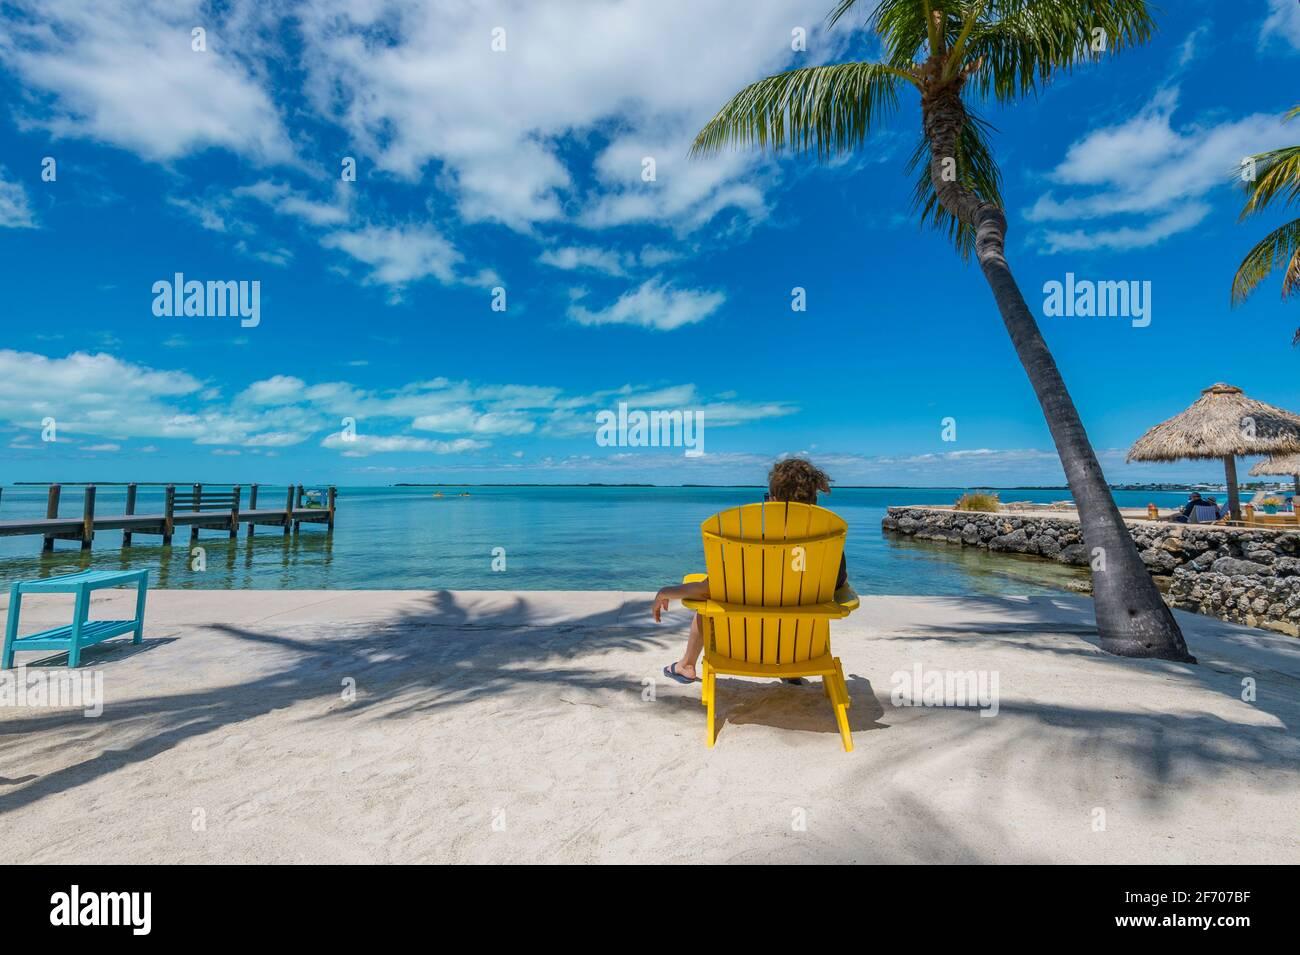 Mujer sentada en silla Adirondack amarilla, mirando contemplativamente al océano Caribe en un día soleado increíblemente hermoso. Foto de stock